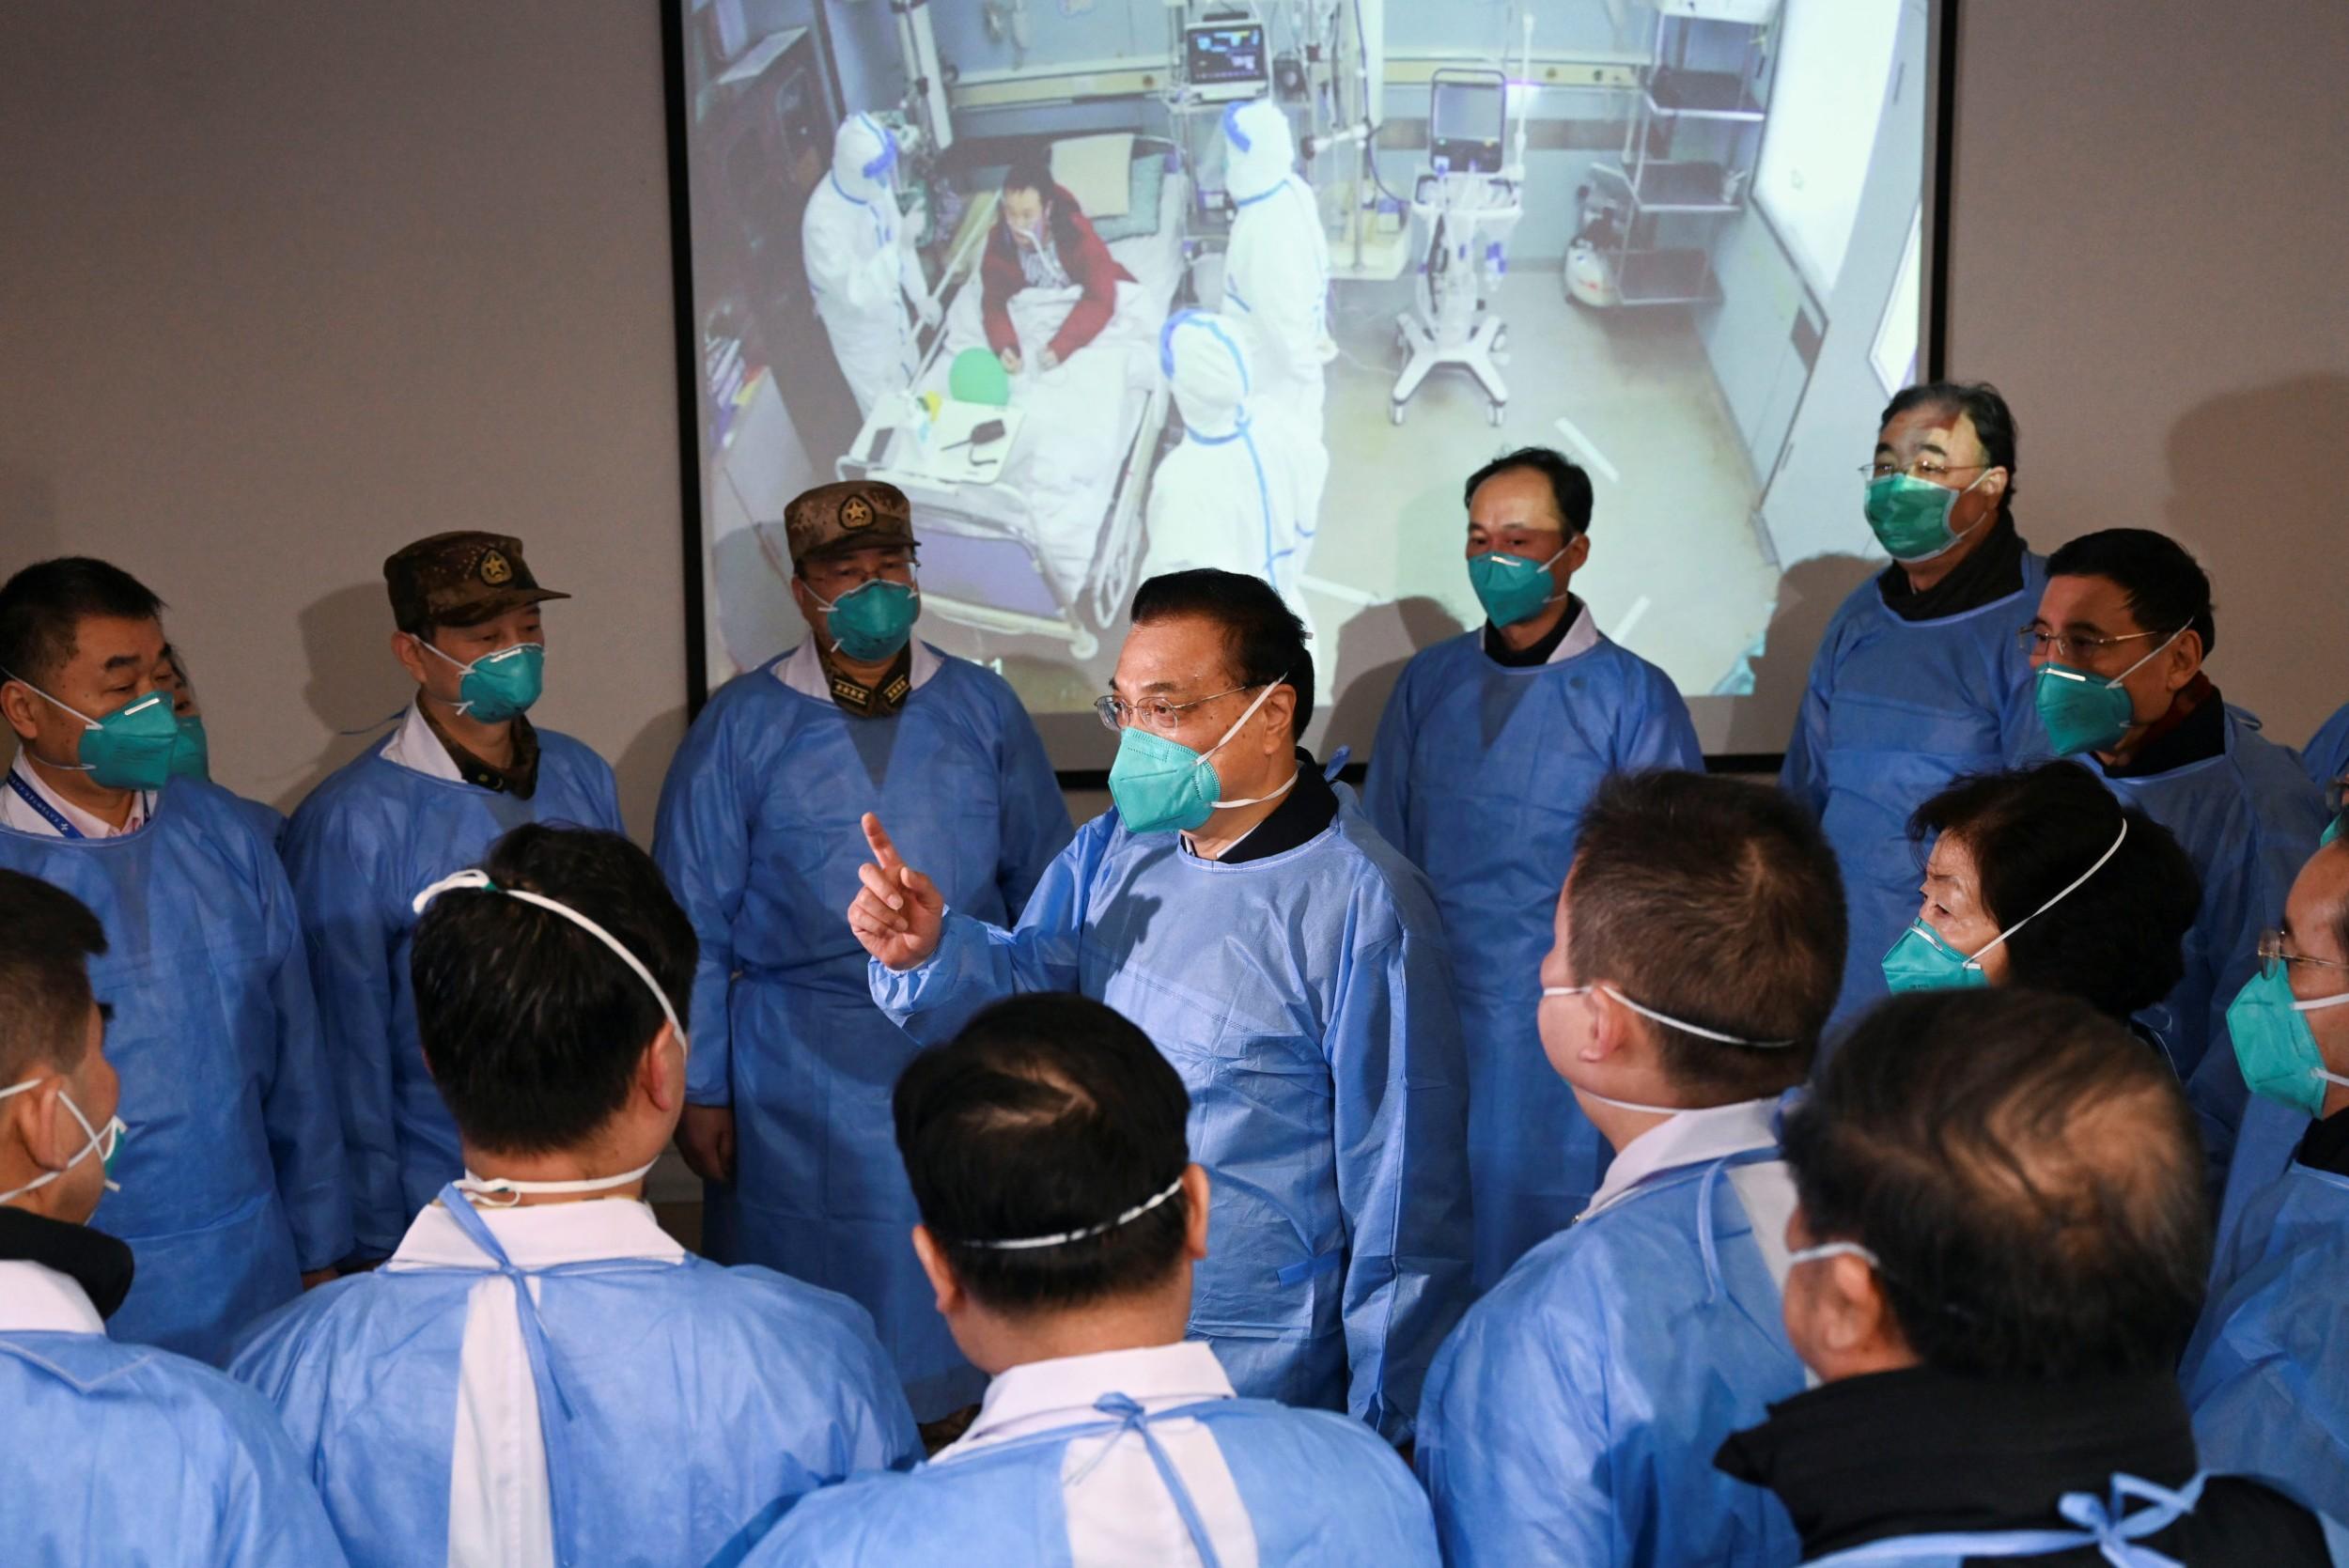 Премијер Кине Ли Кећанг са маском преко уста и у заштитном оделу разговара са медицинским радницима током посете болници у којој су збринути пацијенти са коронавирусом, Вухан, 27. јануар 2020. (Фото: cnsphoto via REUTERS)